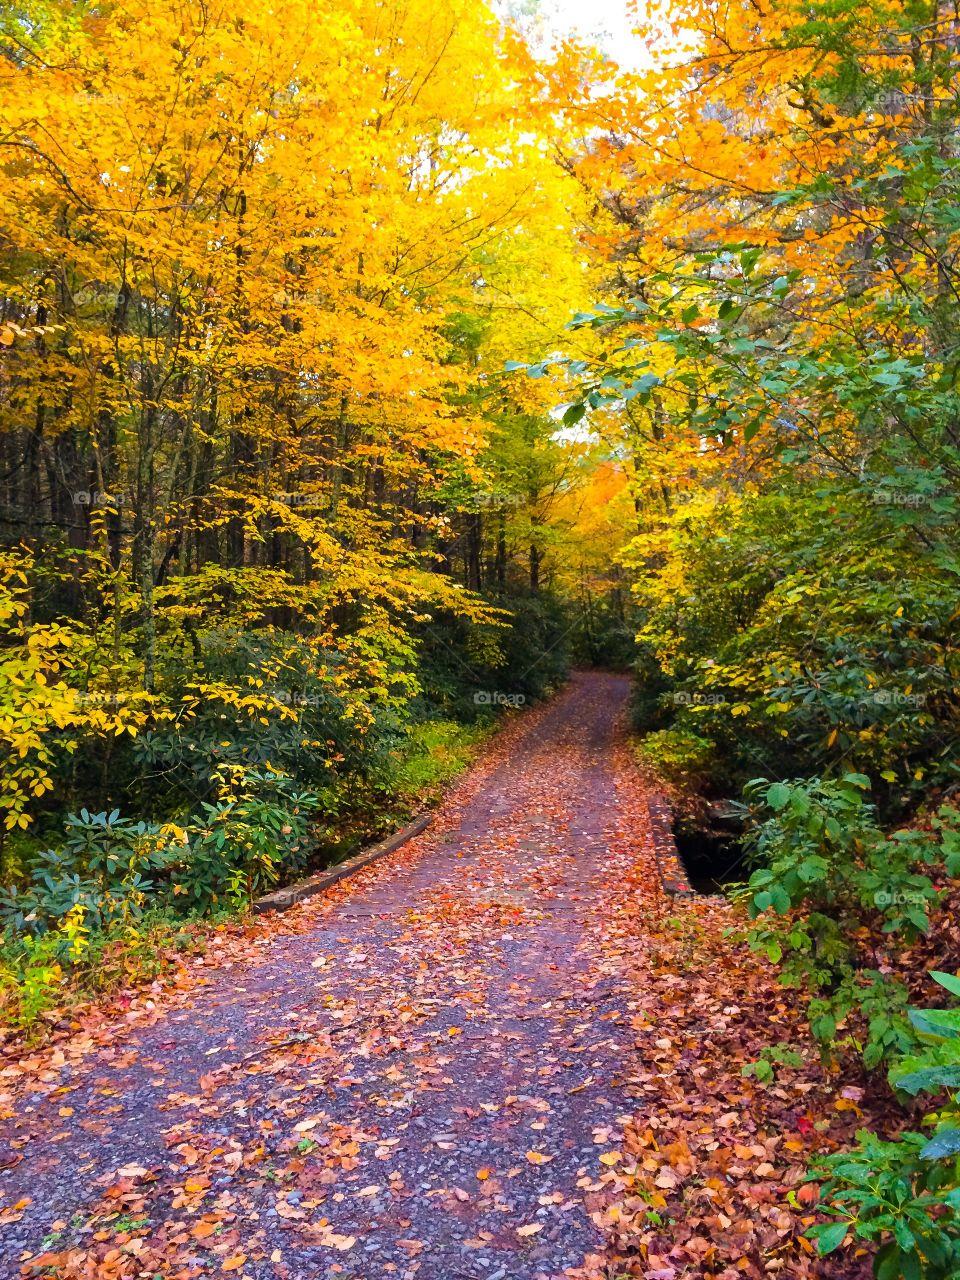 Walkway through autumn trees